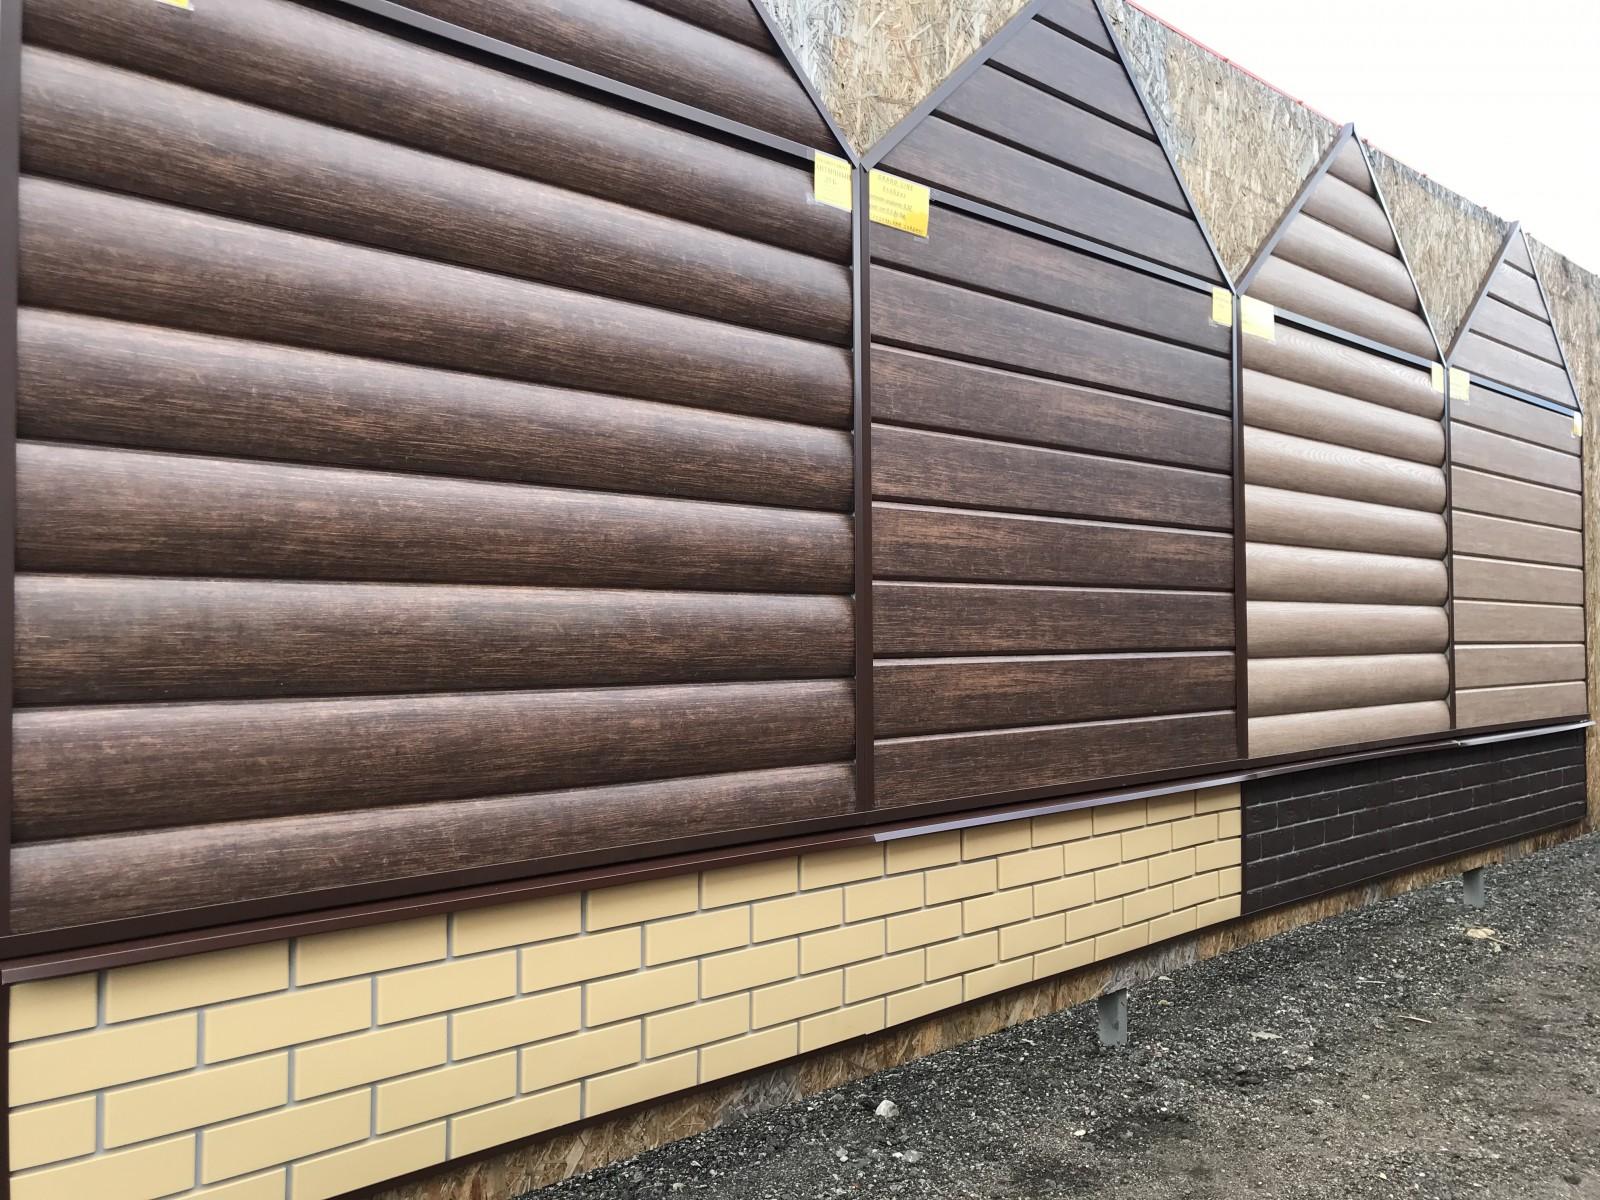 Отделка фасада дома сайдингом – виды, особенности материалов и нюансы их использования